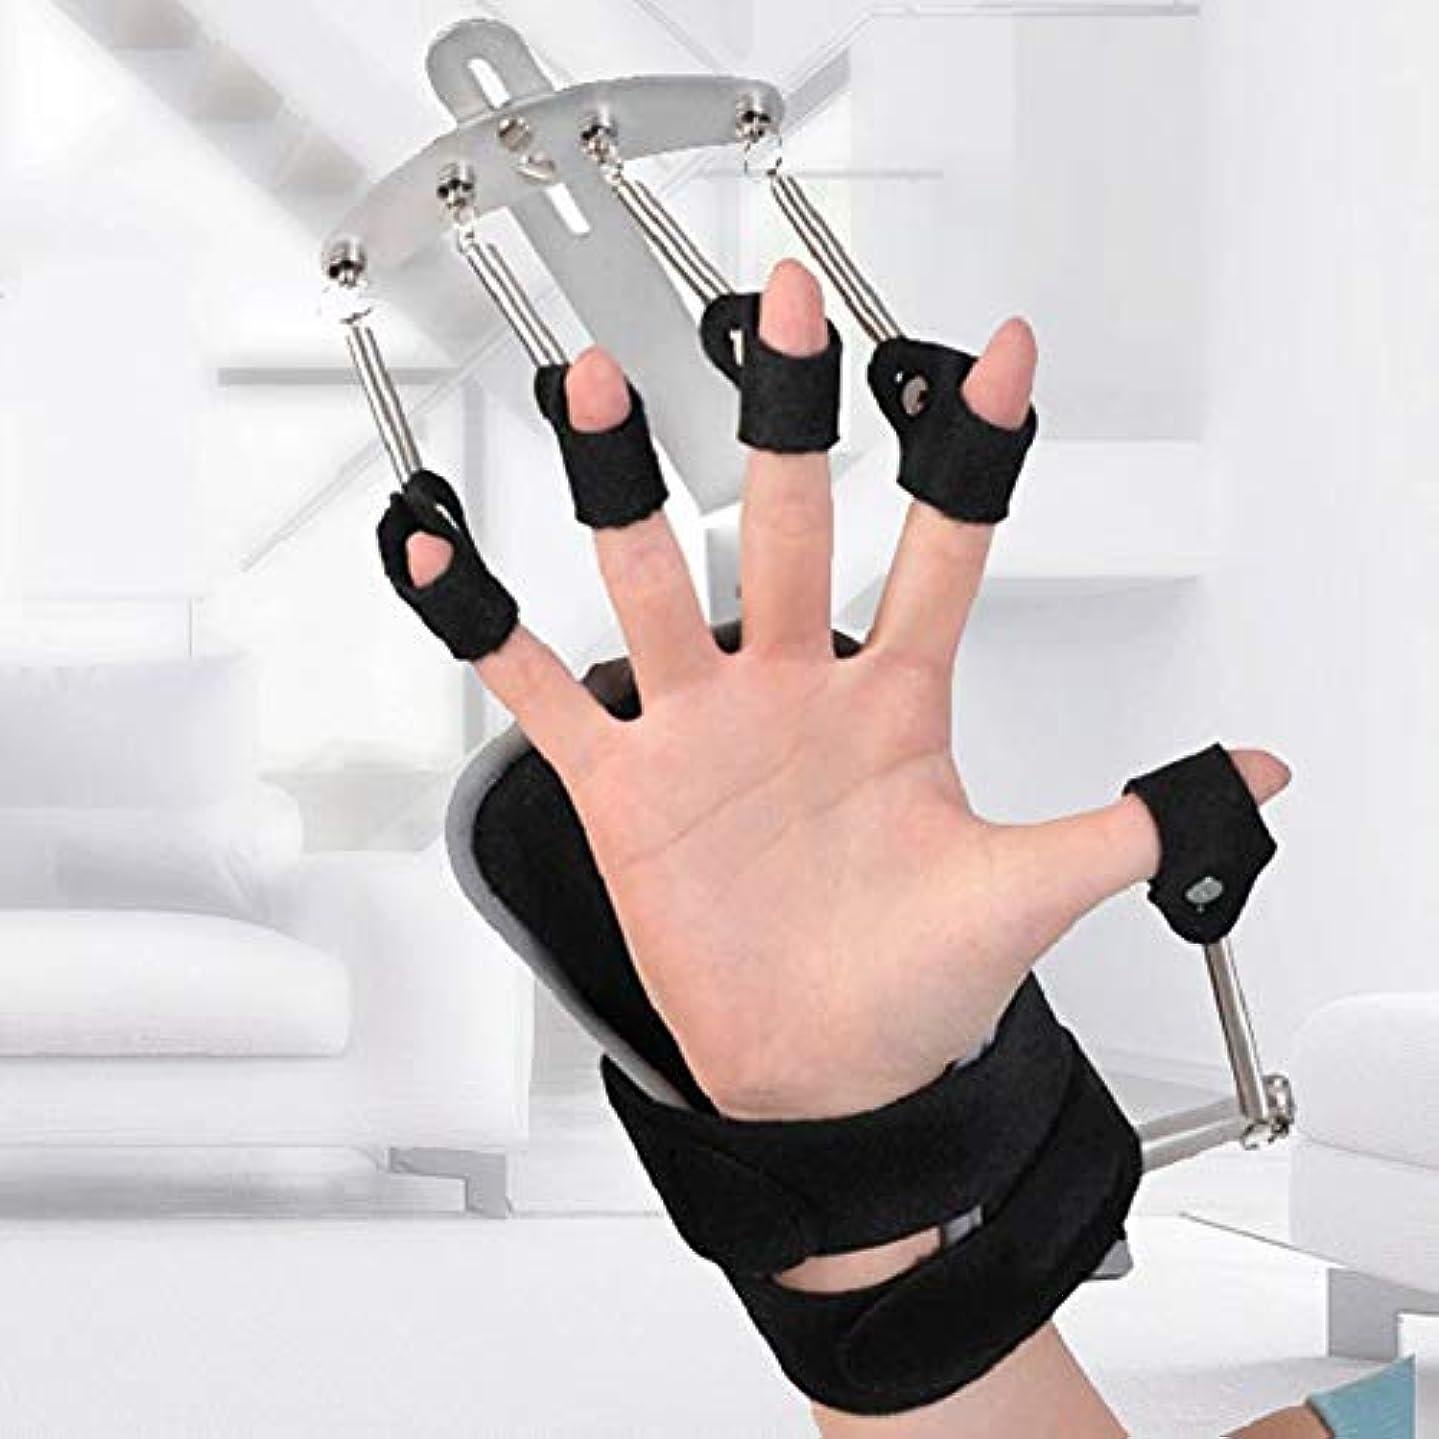 敷居バイオレット何脳卒中片麻痺患者のあこがれ演習の修理のためにリハビリテーションインソールを、指、インソールポイントマニュアル手首トレーニング装具機器ブレース